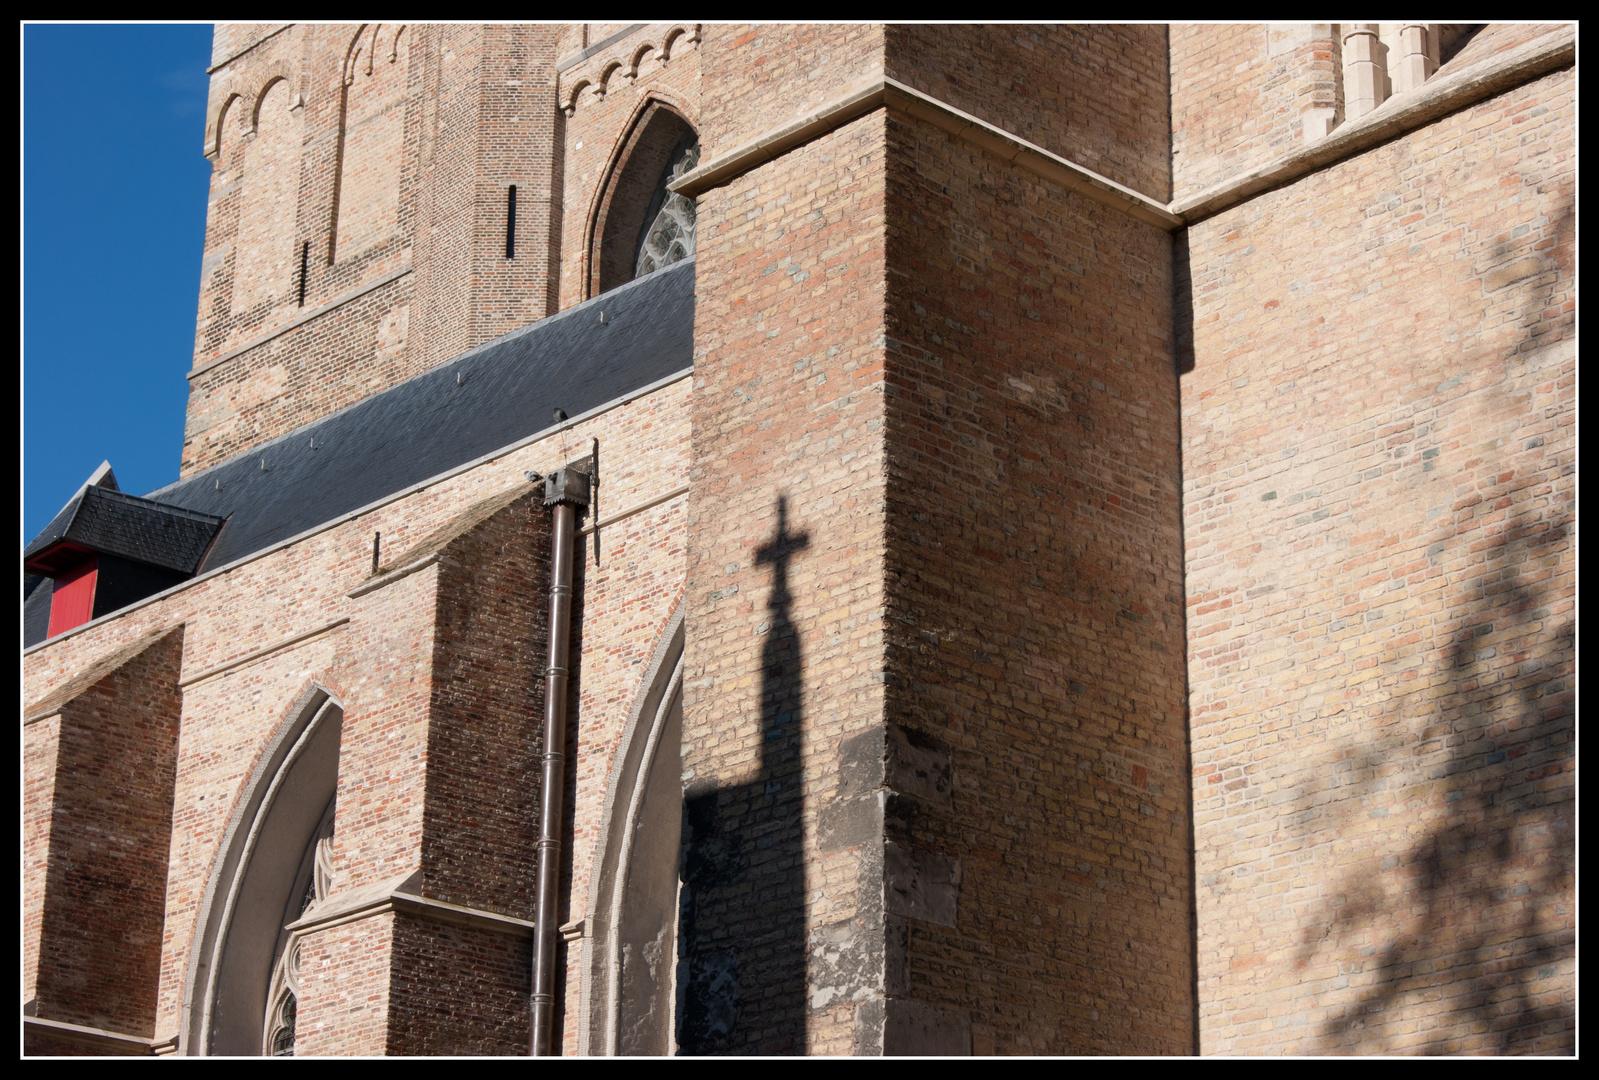 Schattenkreuz Brugge